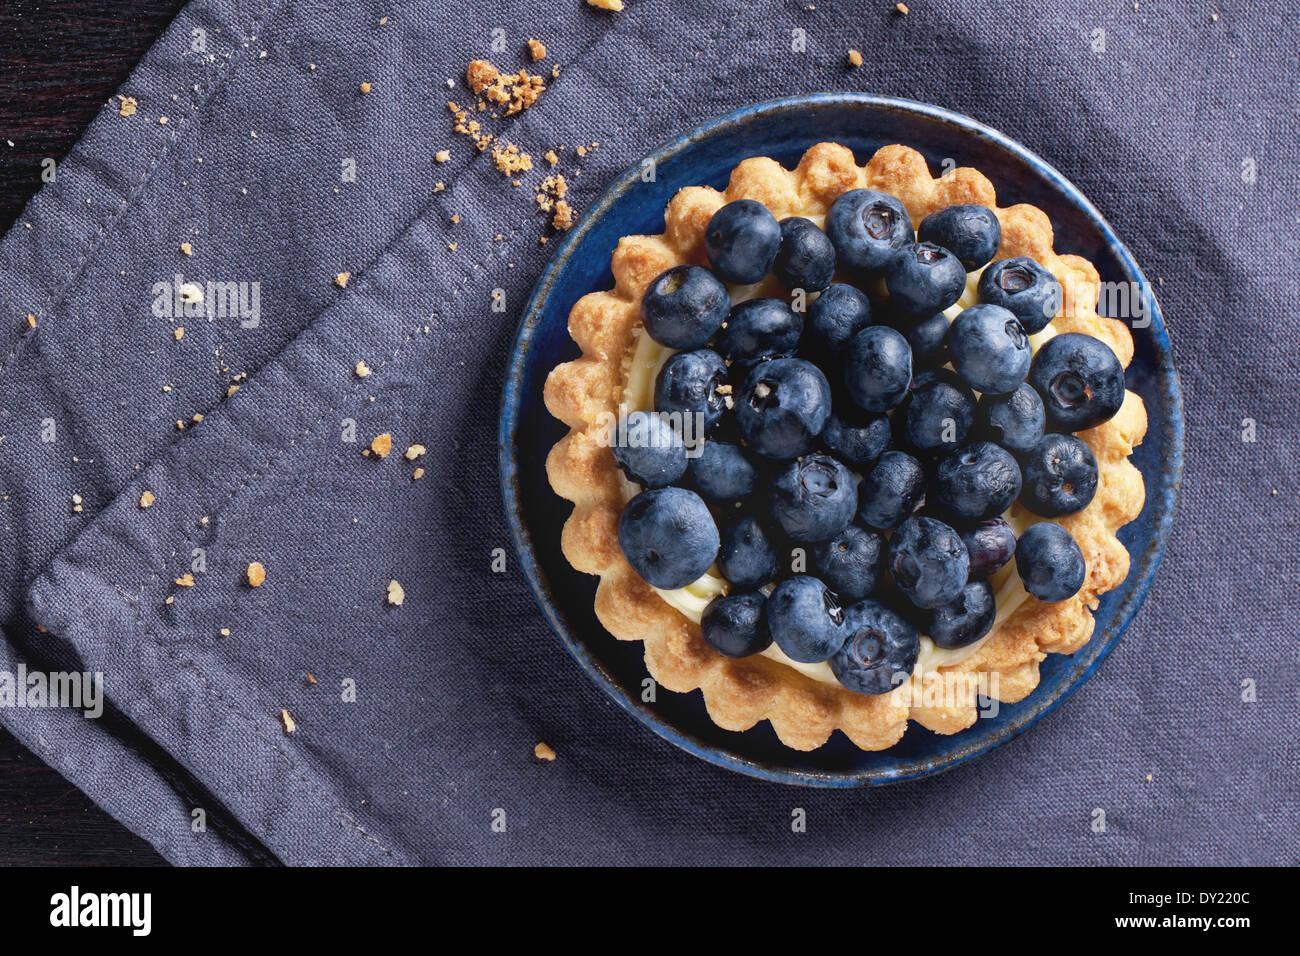 Vue de dessus sur tarte aux bleuets servis sur une plaque en céramique bleu sur serviette textile. Photo Stock